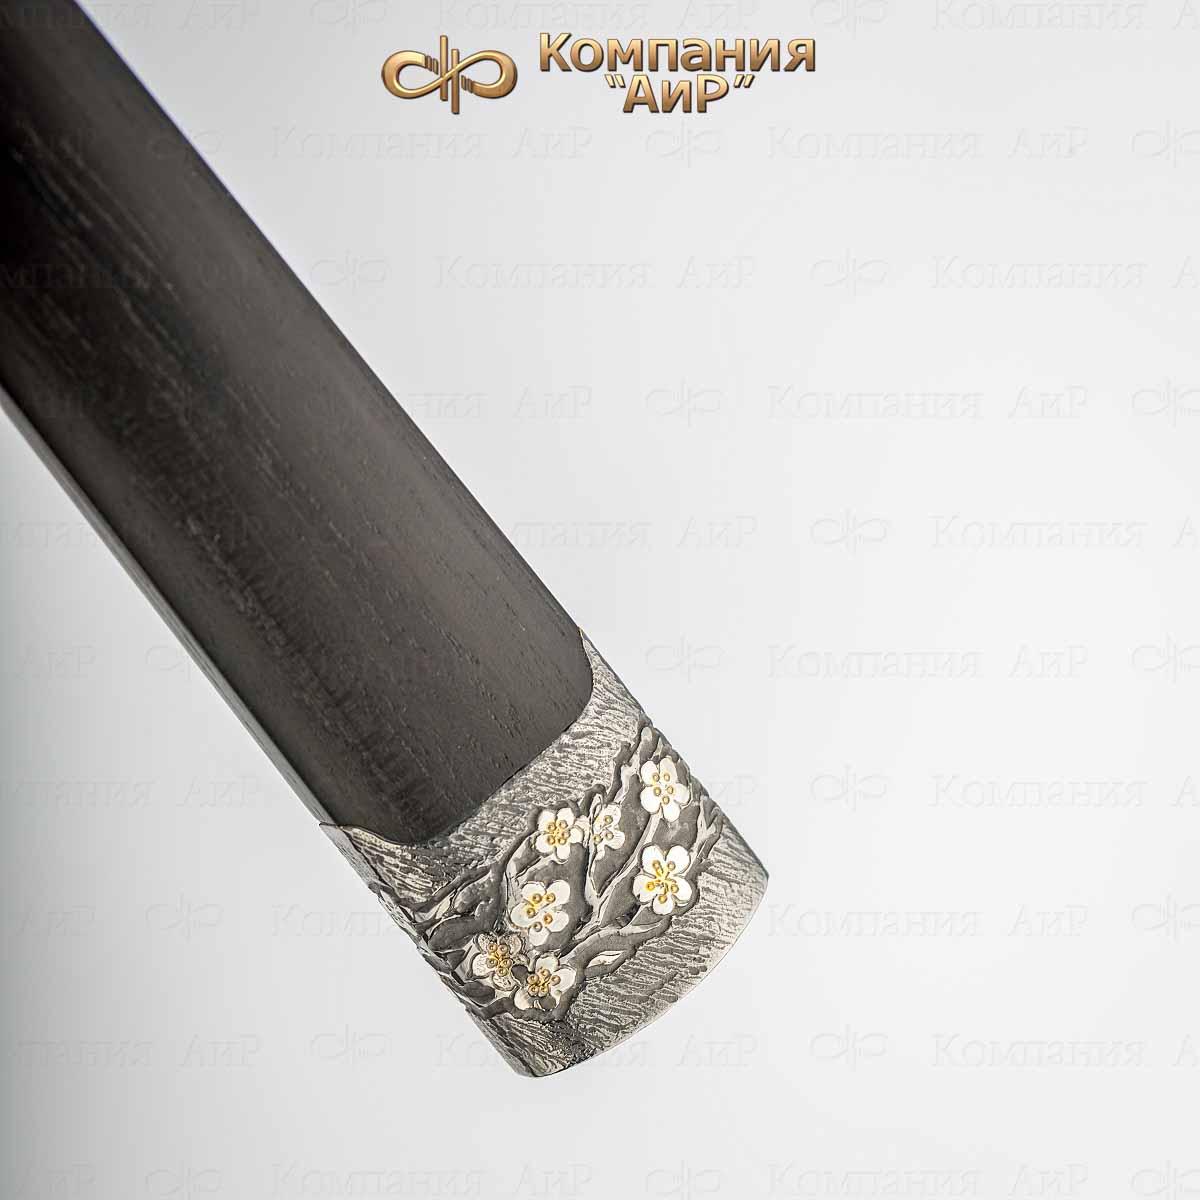 eroticheskaya-miniatyurnie-kogatana-foto-razvratnaya-sots